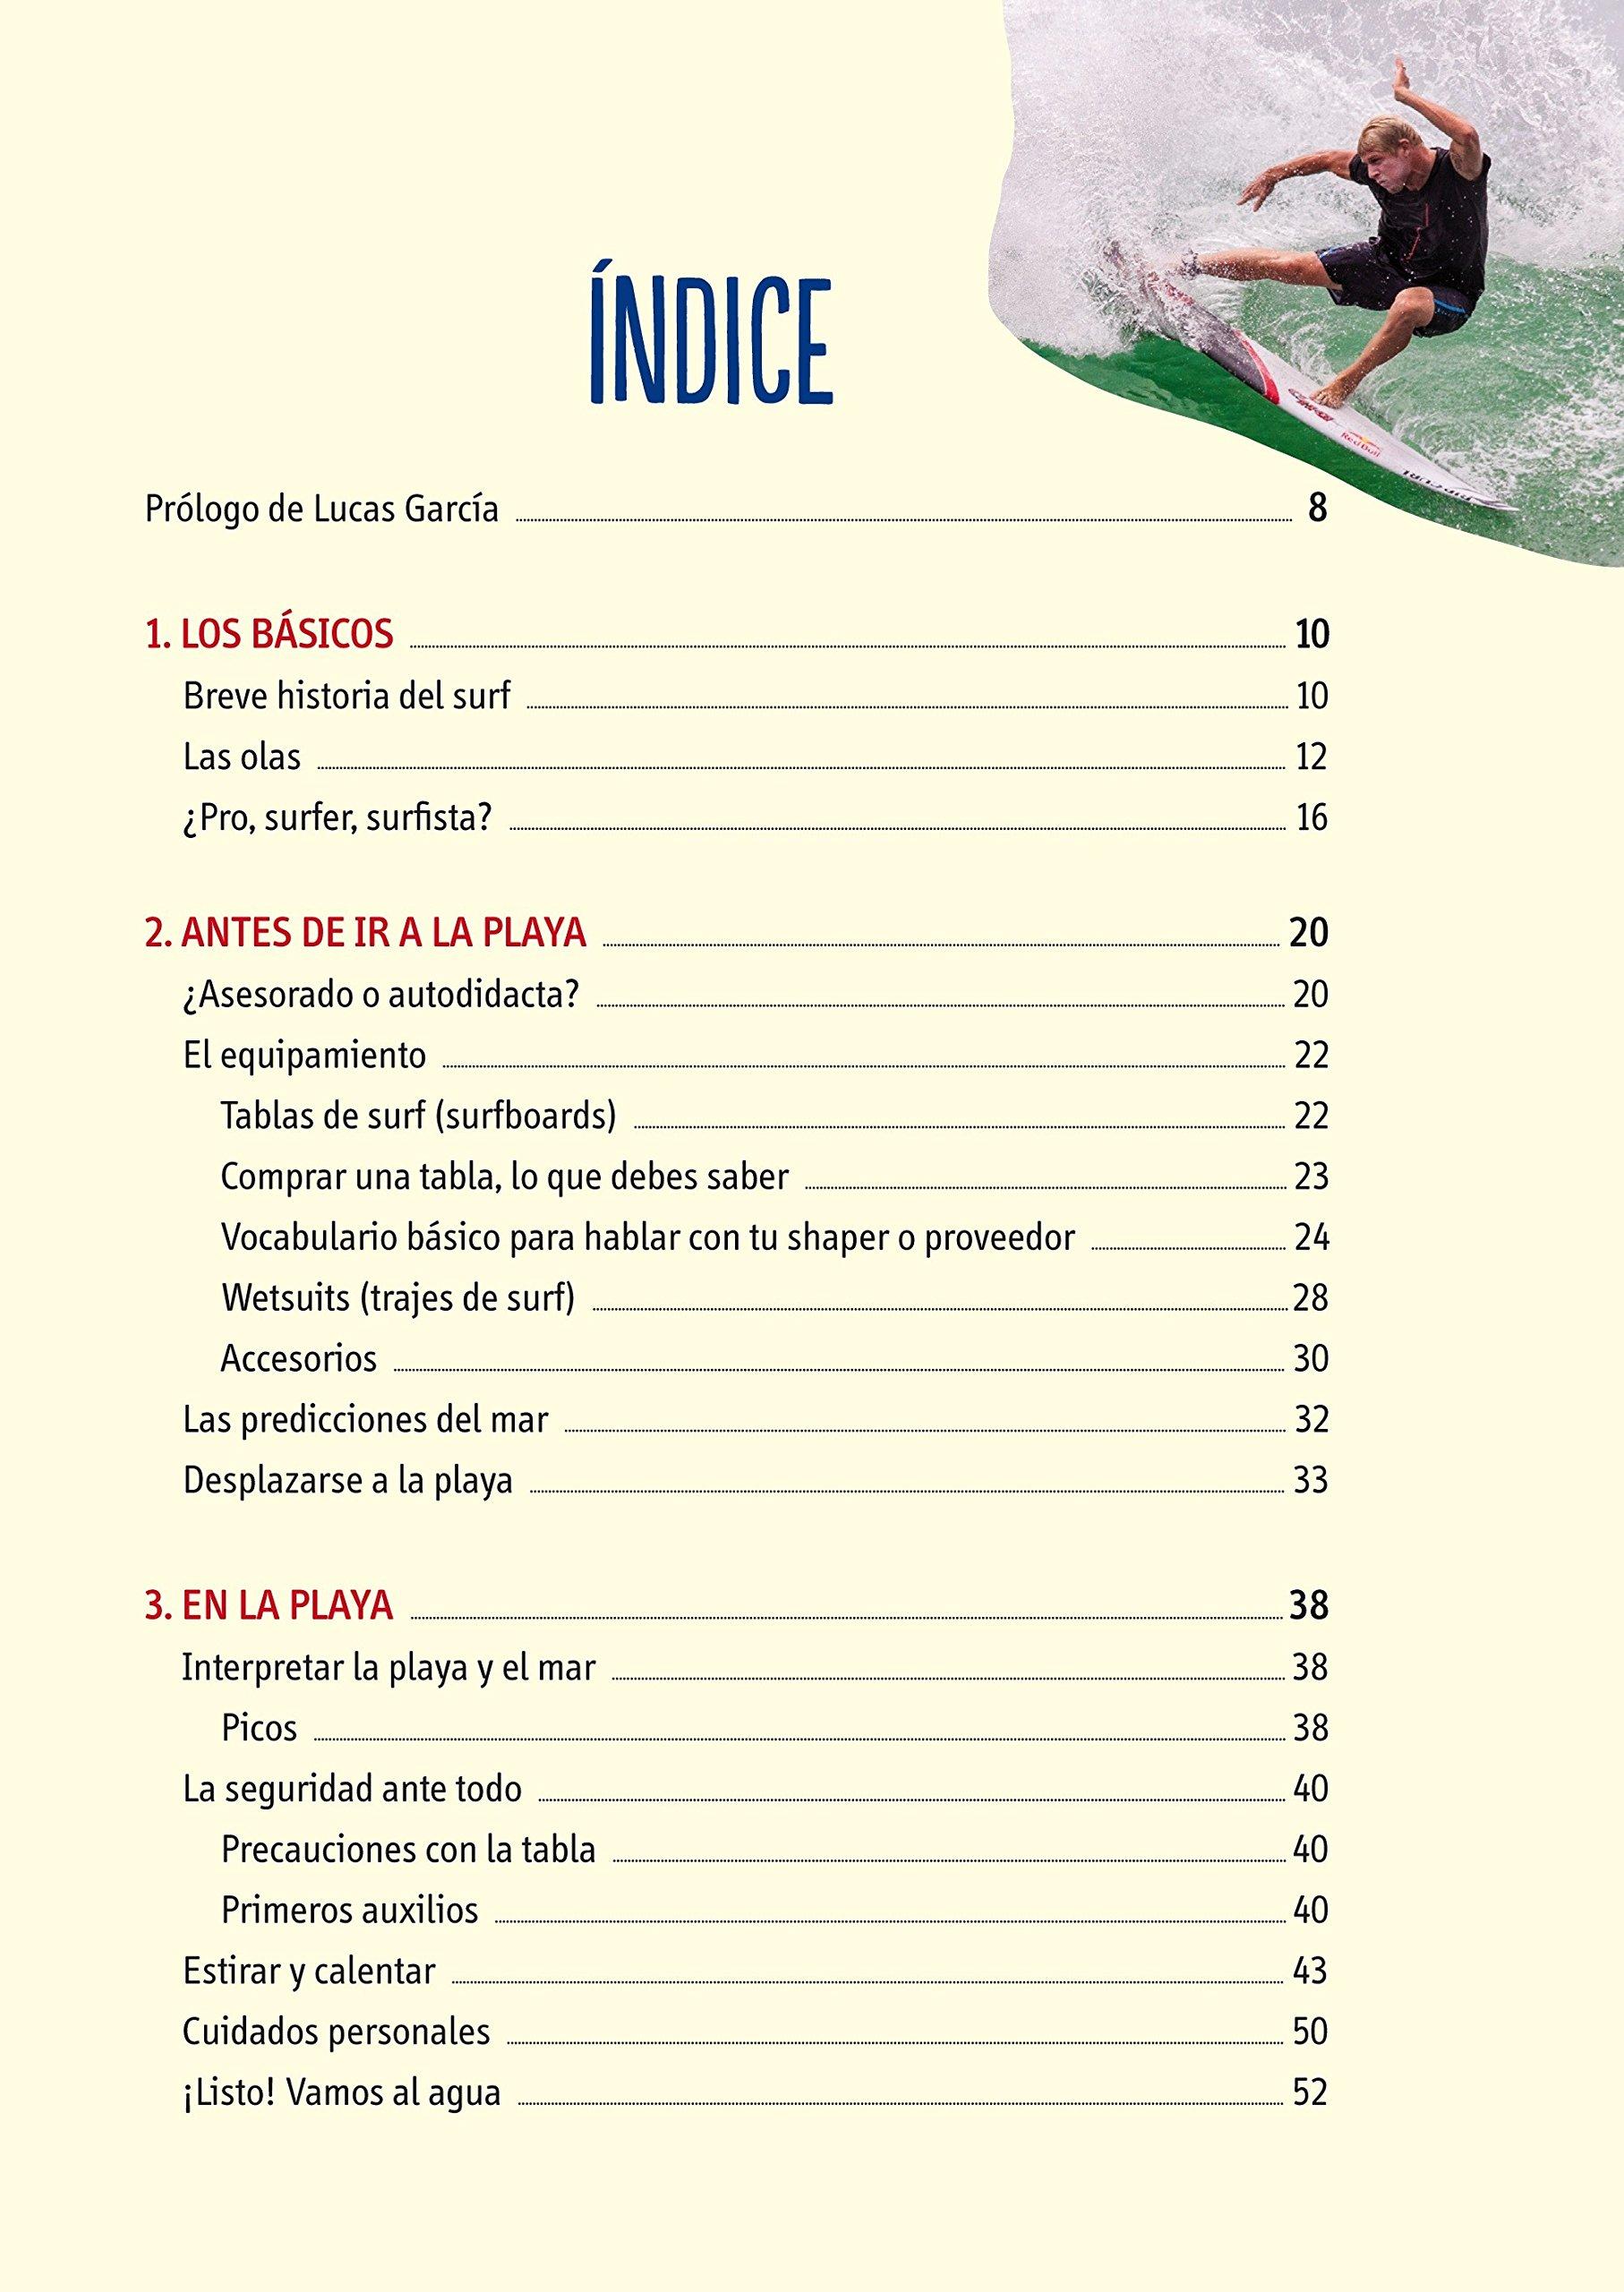 Manual Práctico De Surf: Amazon.es: Piniella Mencía, Zuleyka, Valea Puertas, Alberto, García, Lucas: Libros